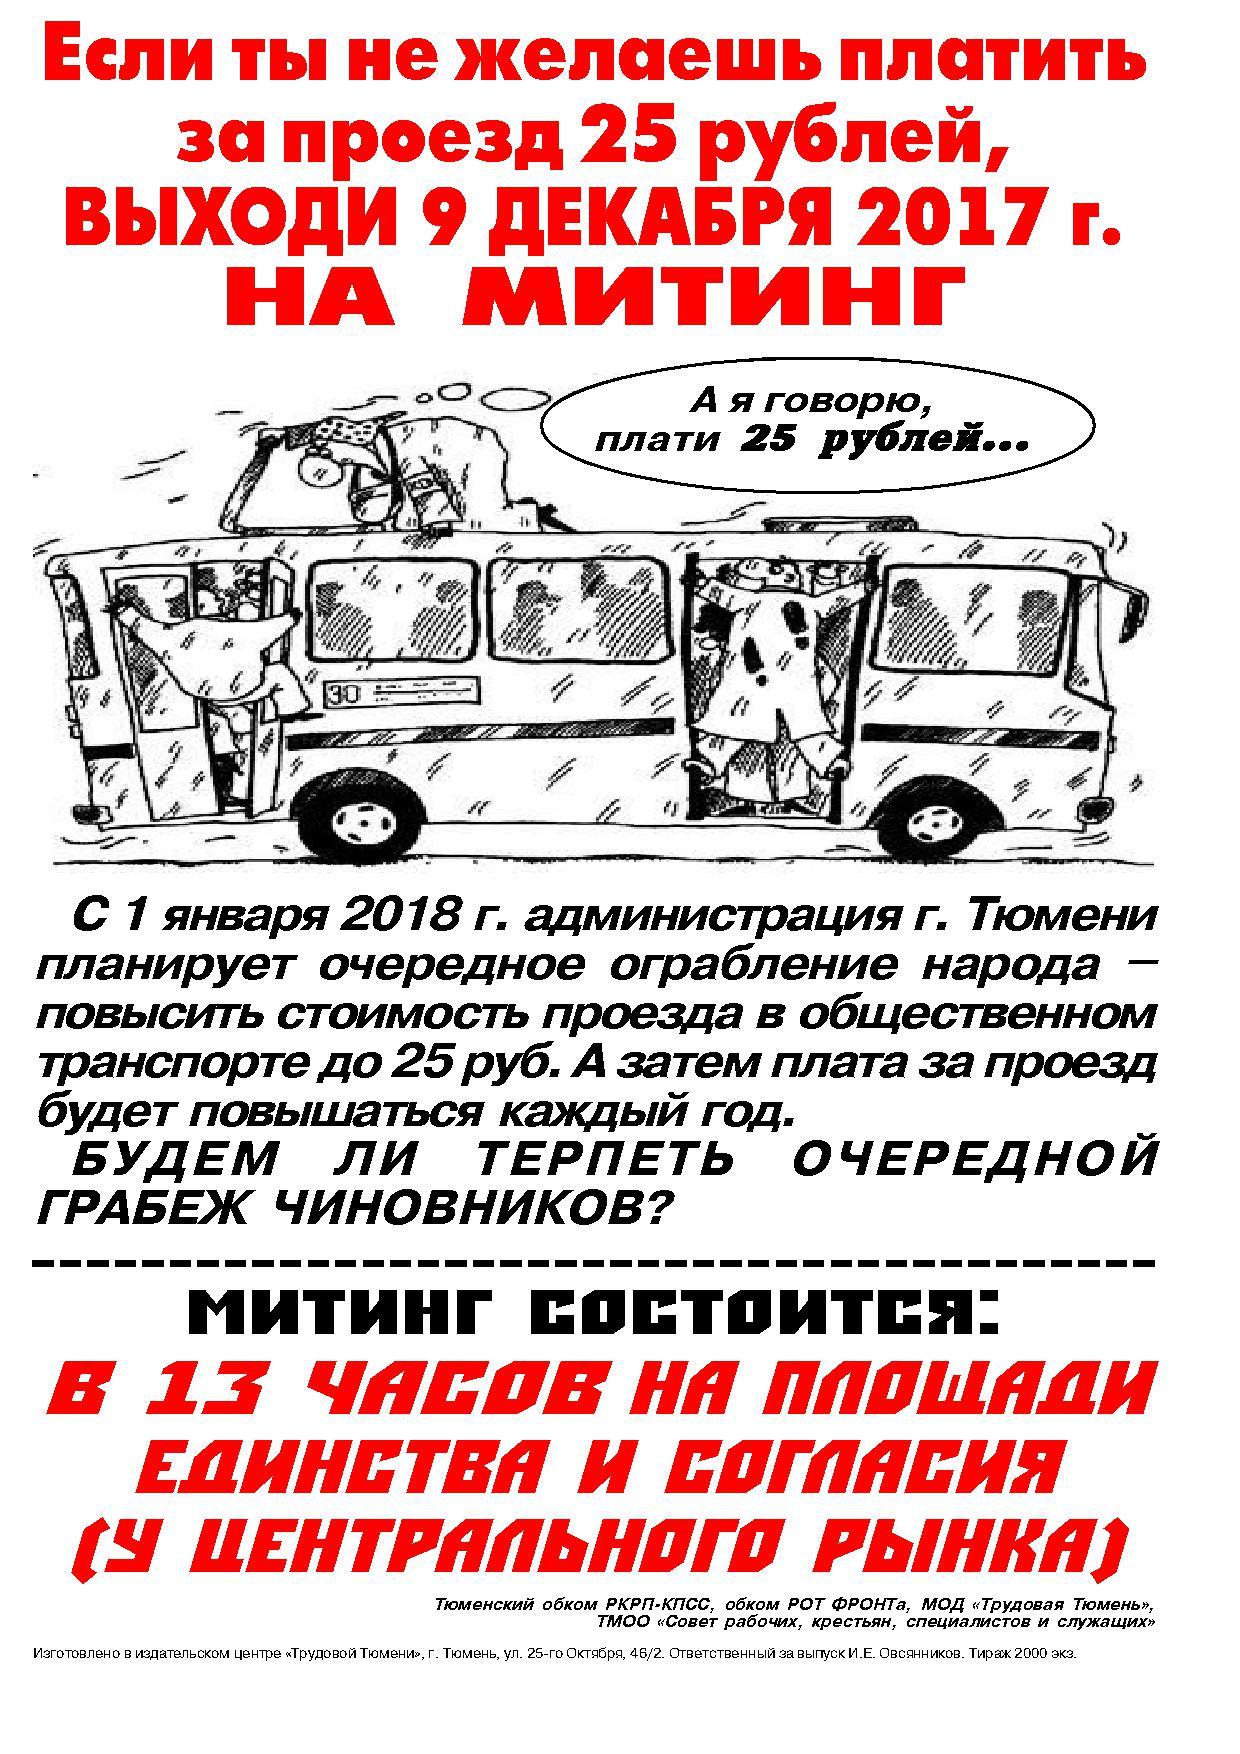 Приглашение на митинг 9 декабря 2017 г. в Тюмени против повышения платы за проезд в общественном транспорте до 25 руб.